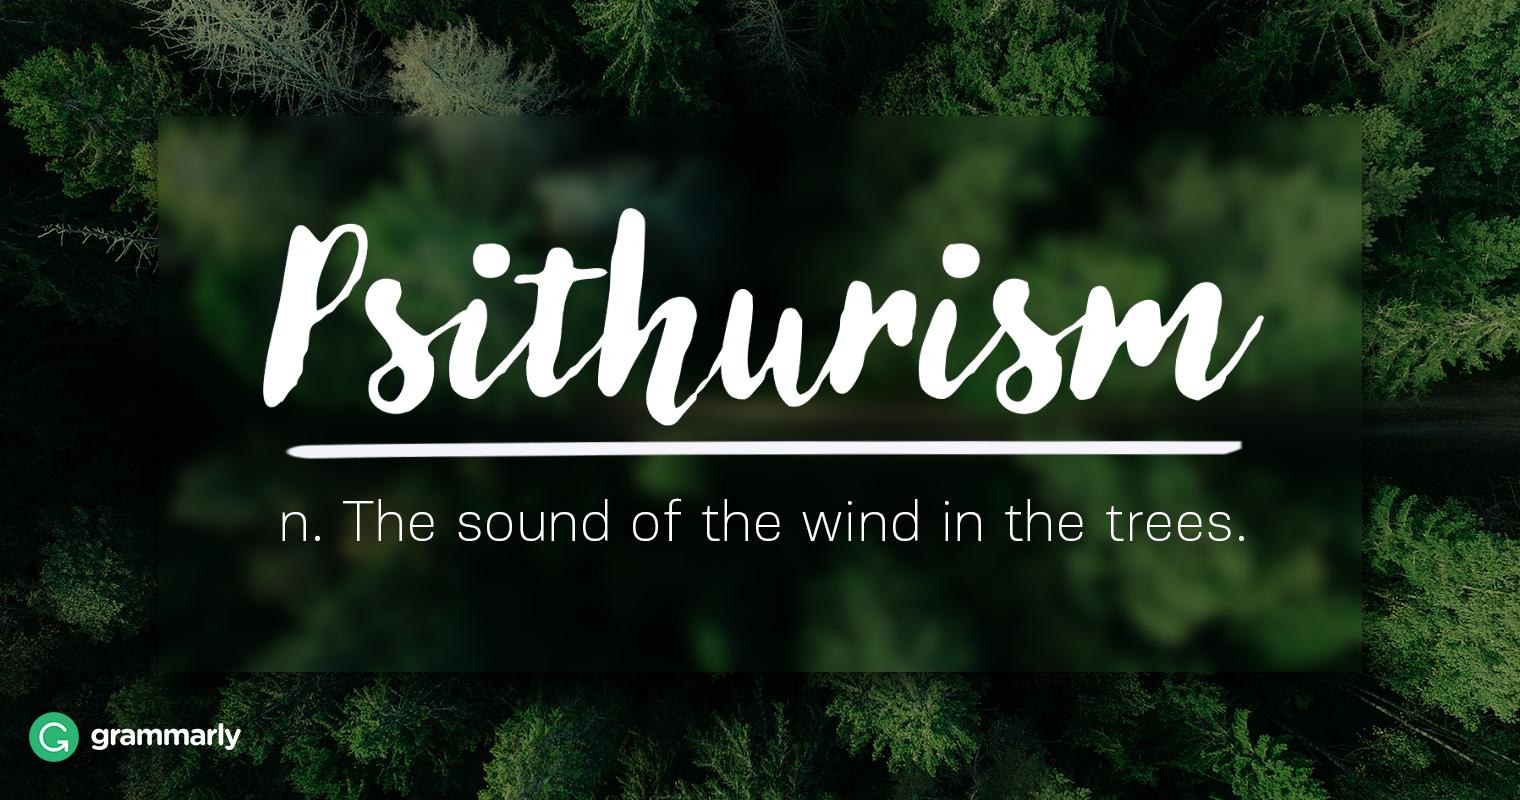 Psithurism Explanation